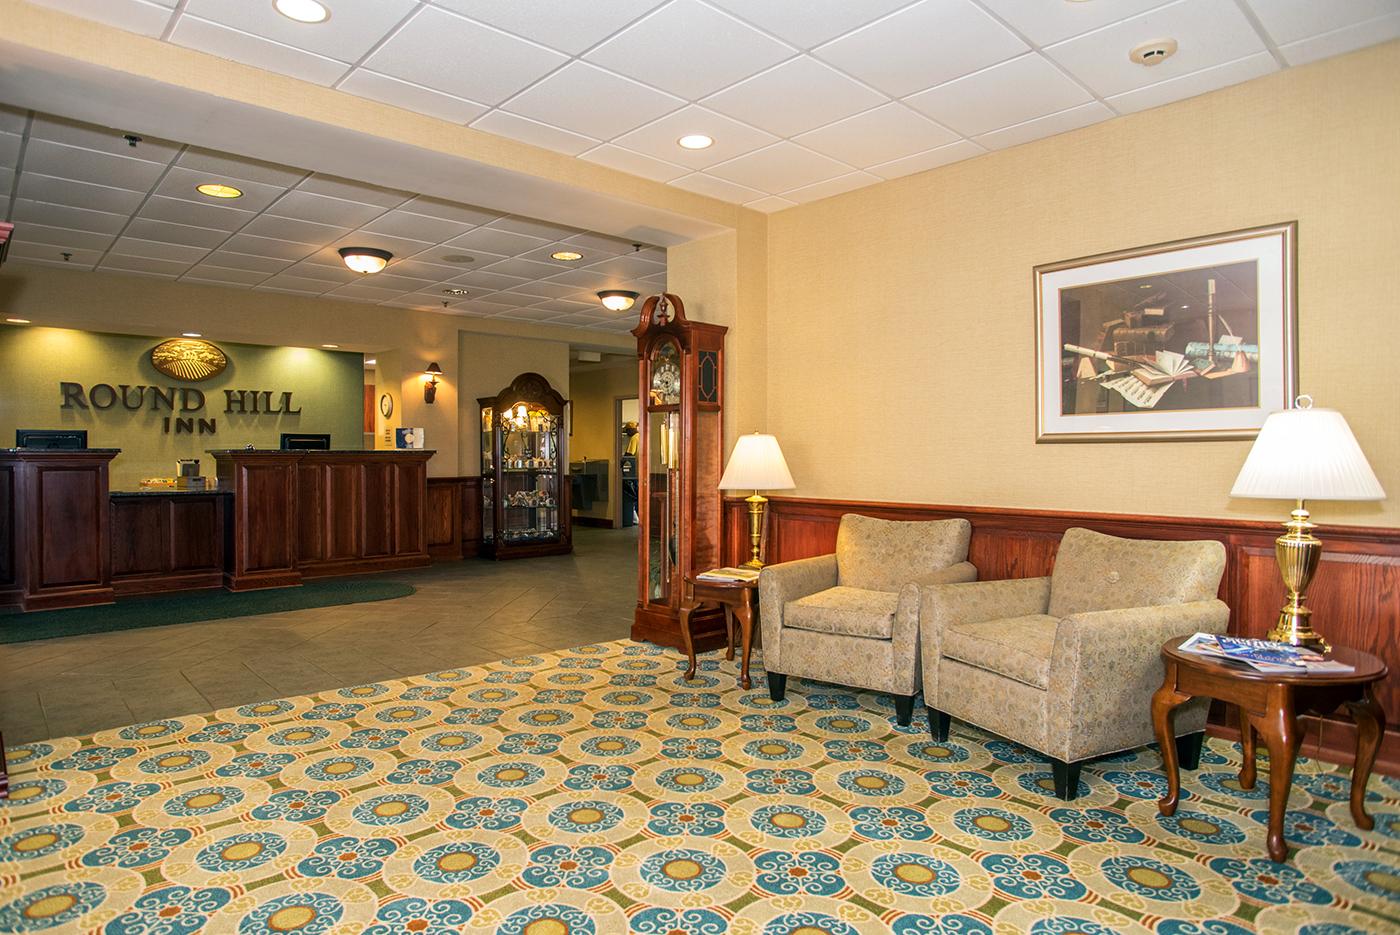 round hill inn lobby